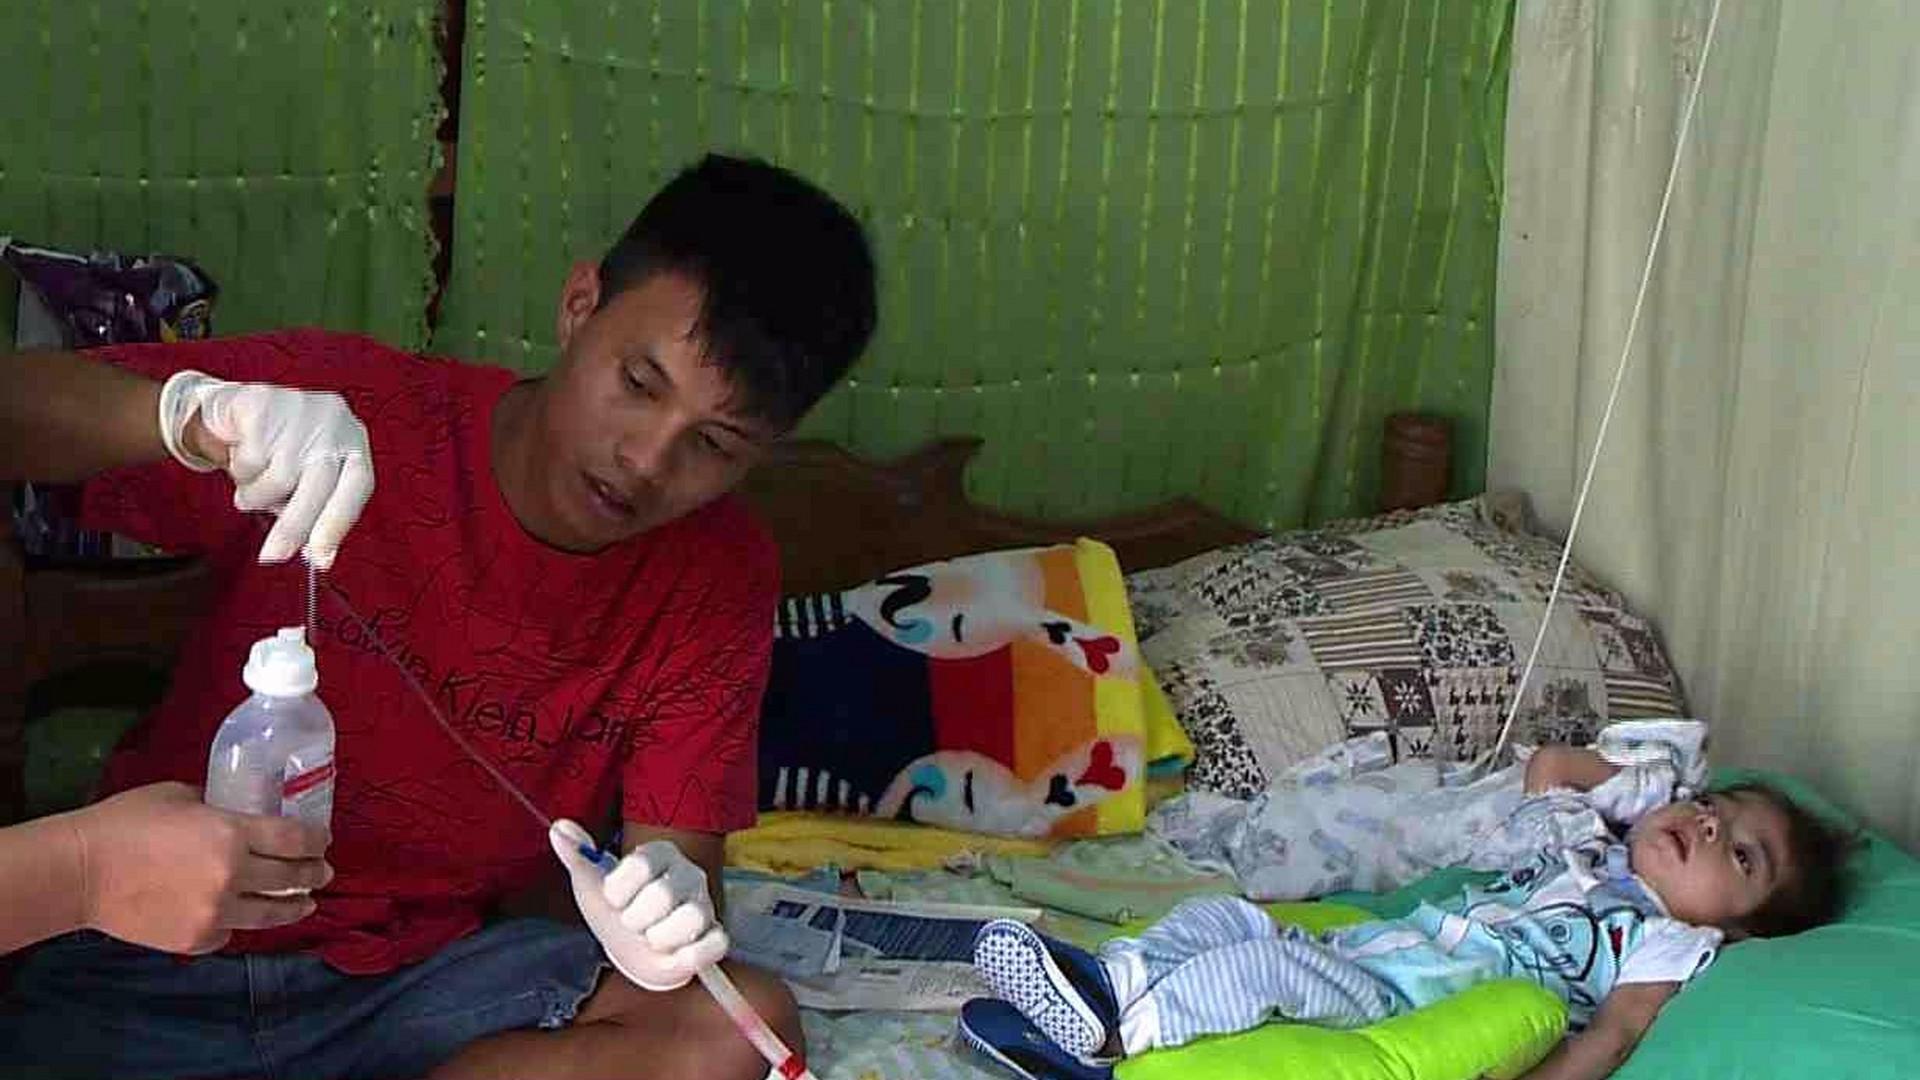 BEBÊ COM FALTA DE OXIGÊNIO NO CÉREBRO PRECISA DE MATERIAIS HOSPITALARES - Alô Amazonas - 26/07/17